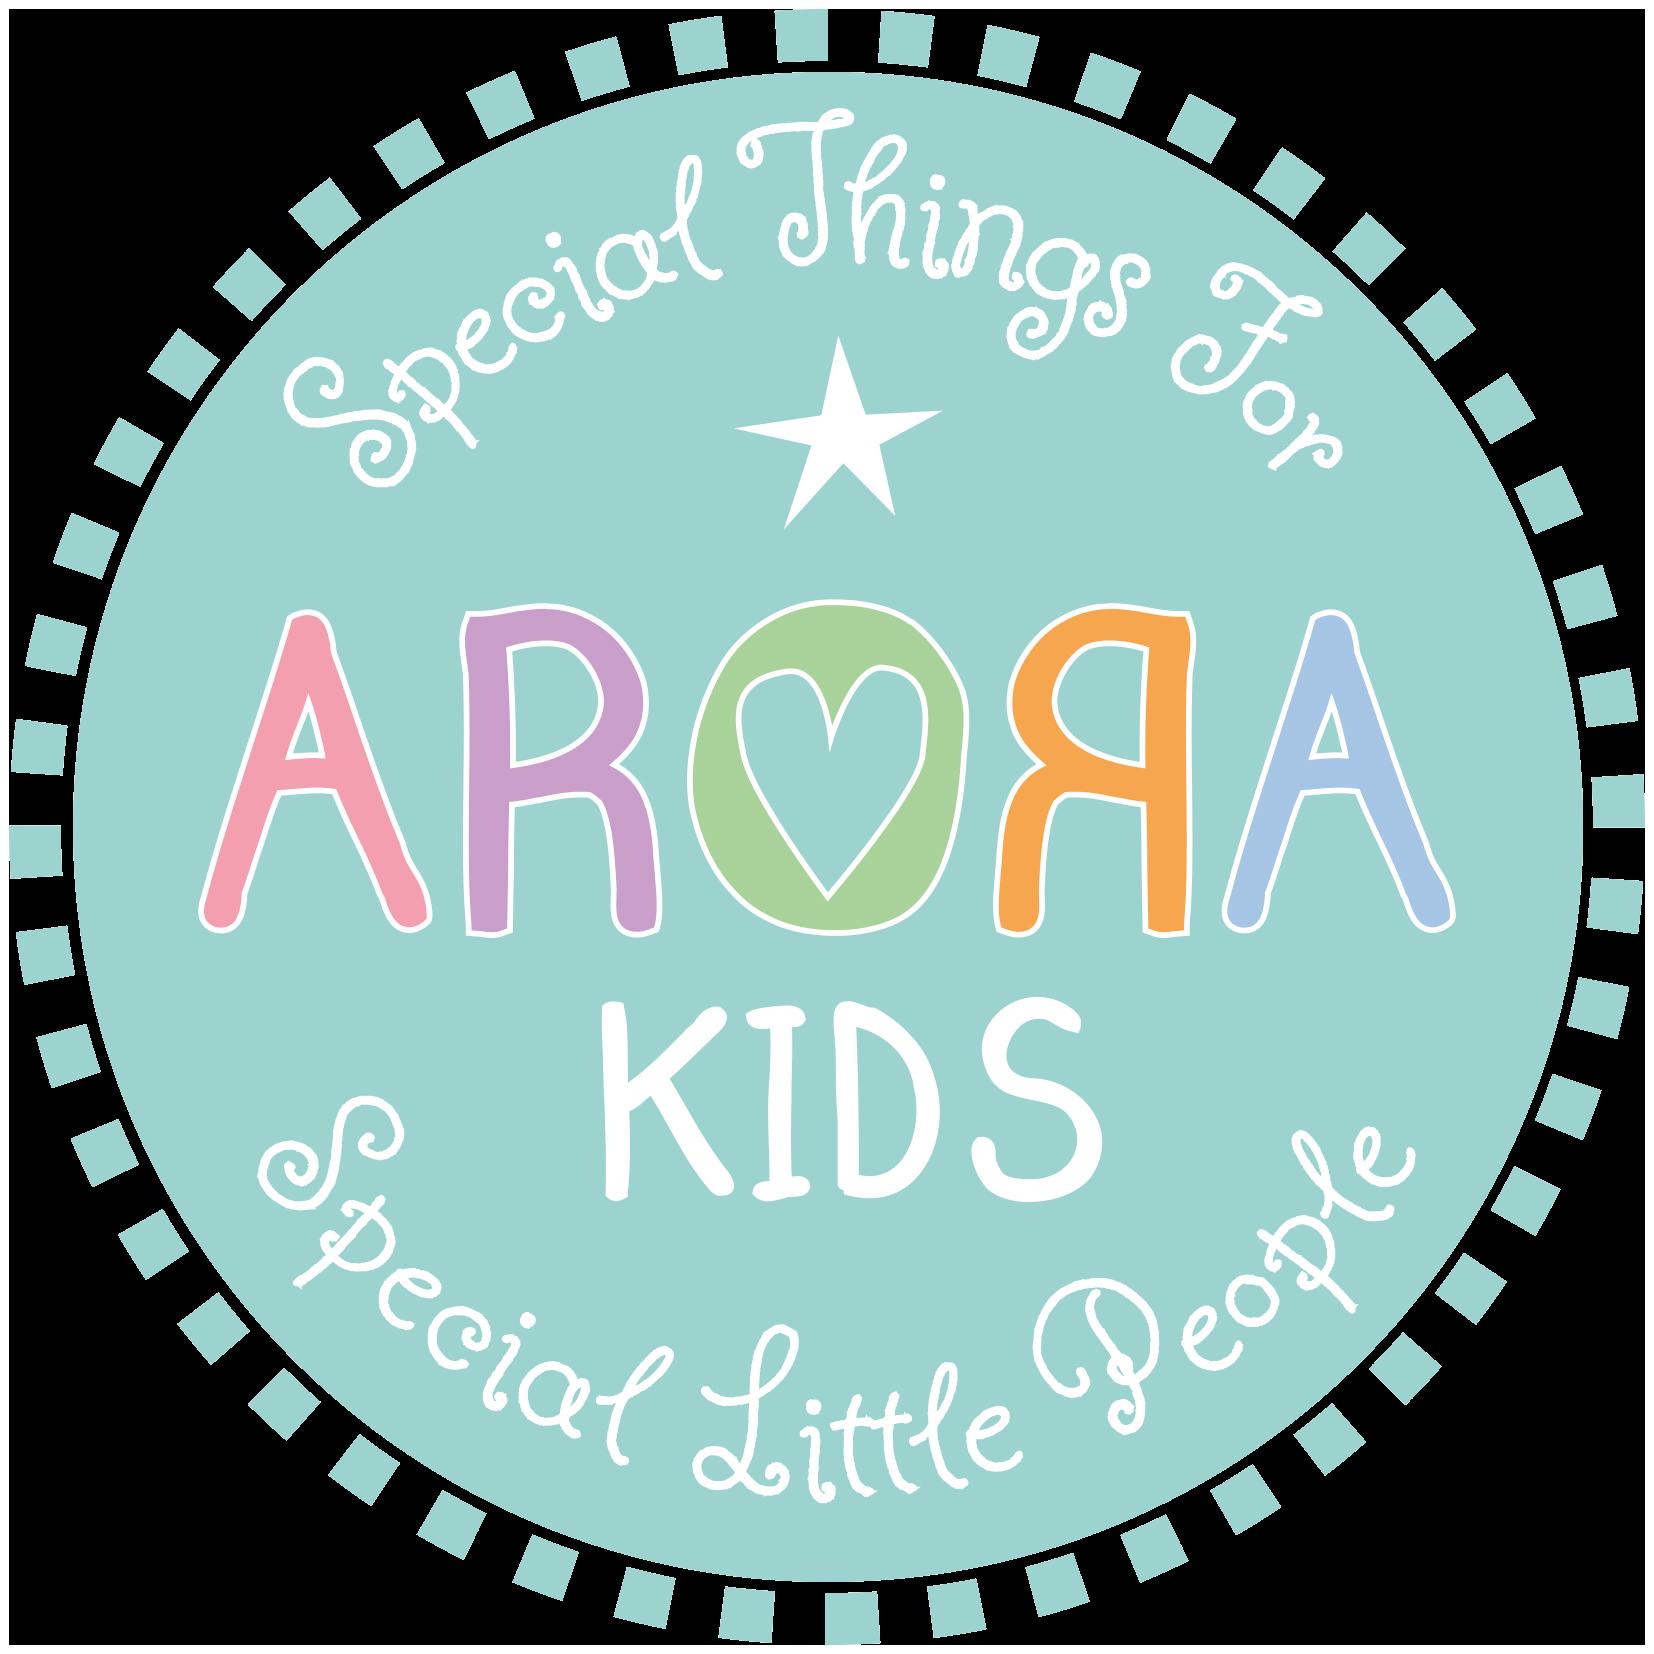 Arora Kids